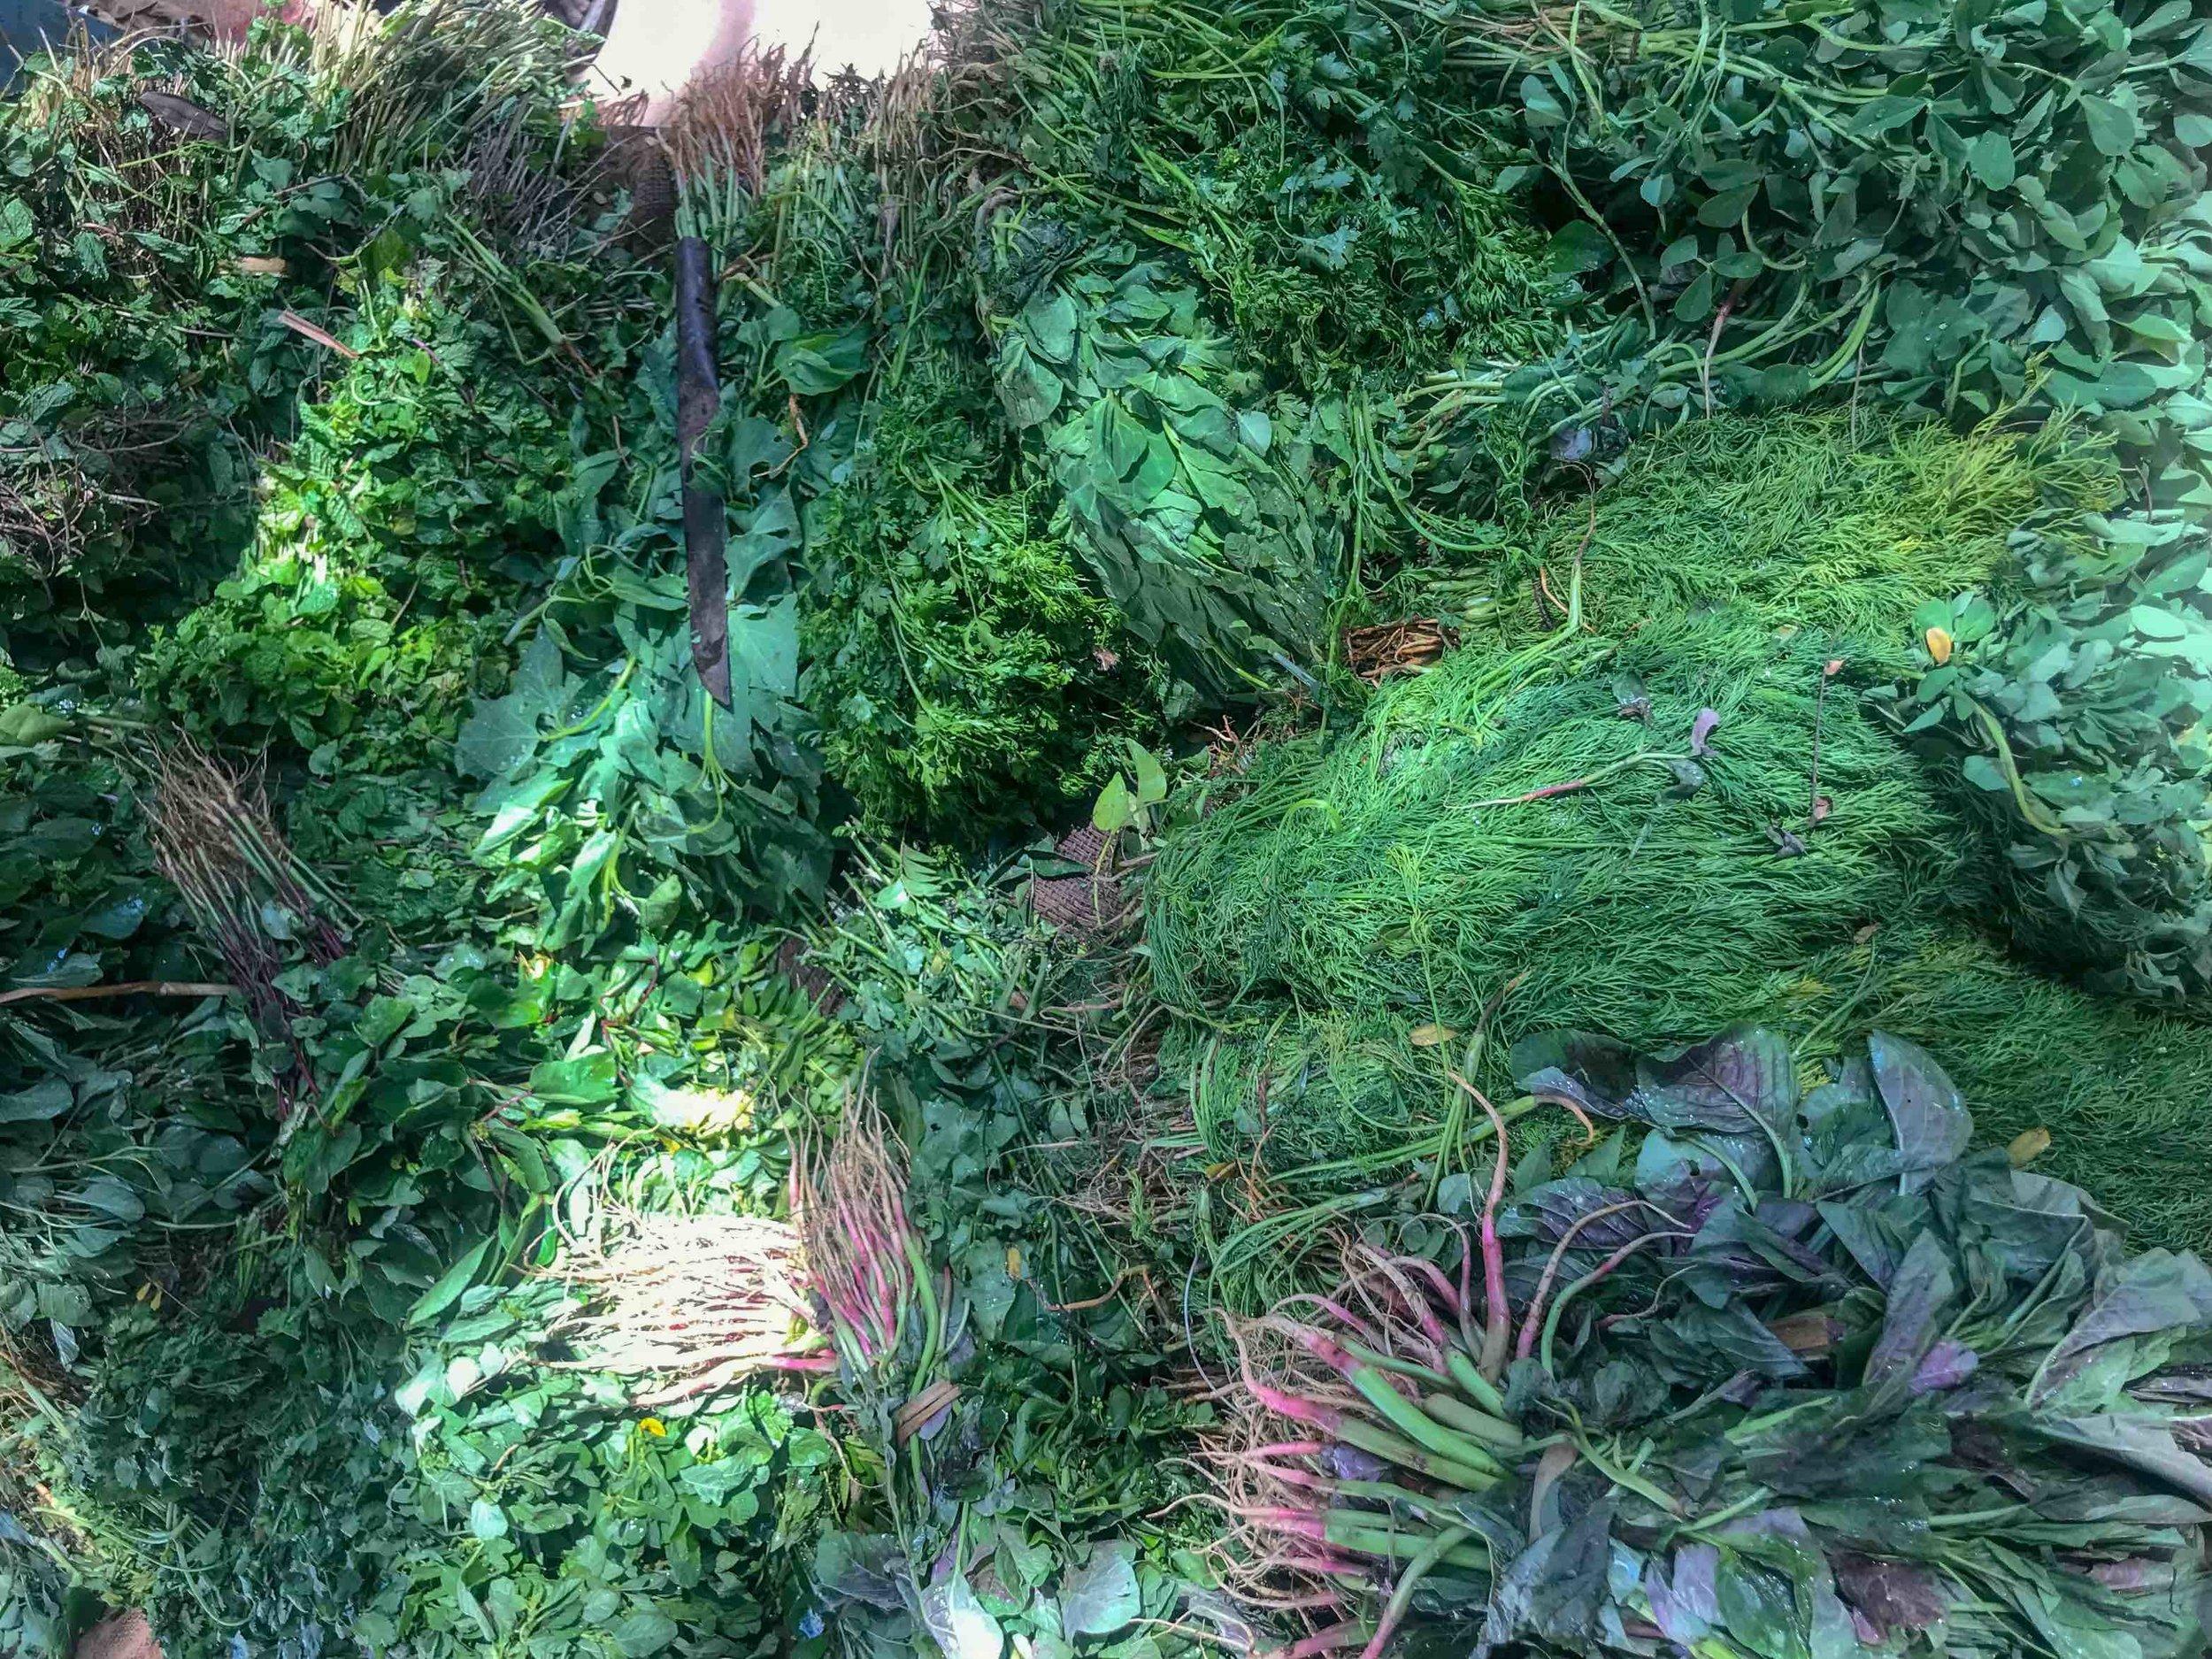 Winter greens at the local market  Image credit: Monika Manchanda